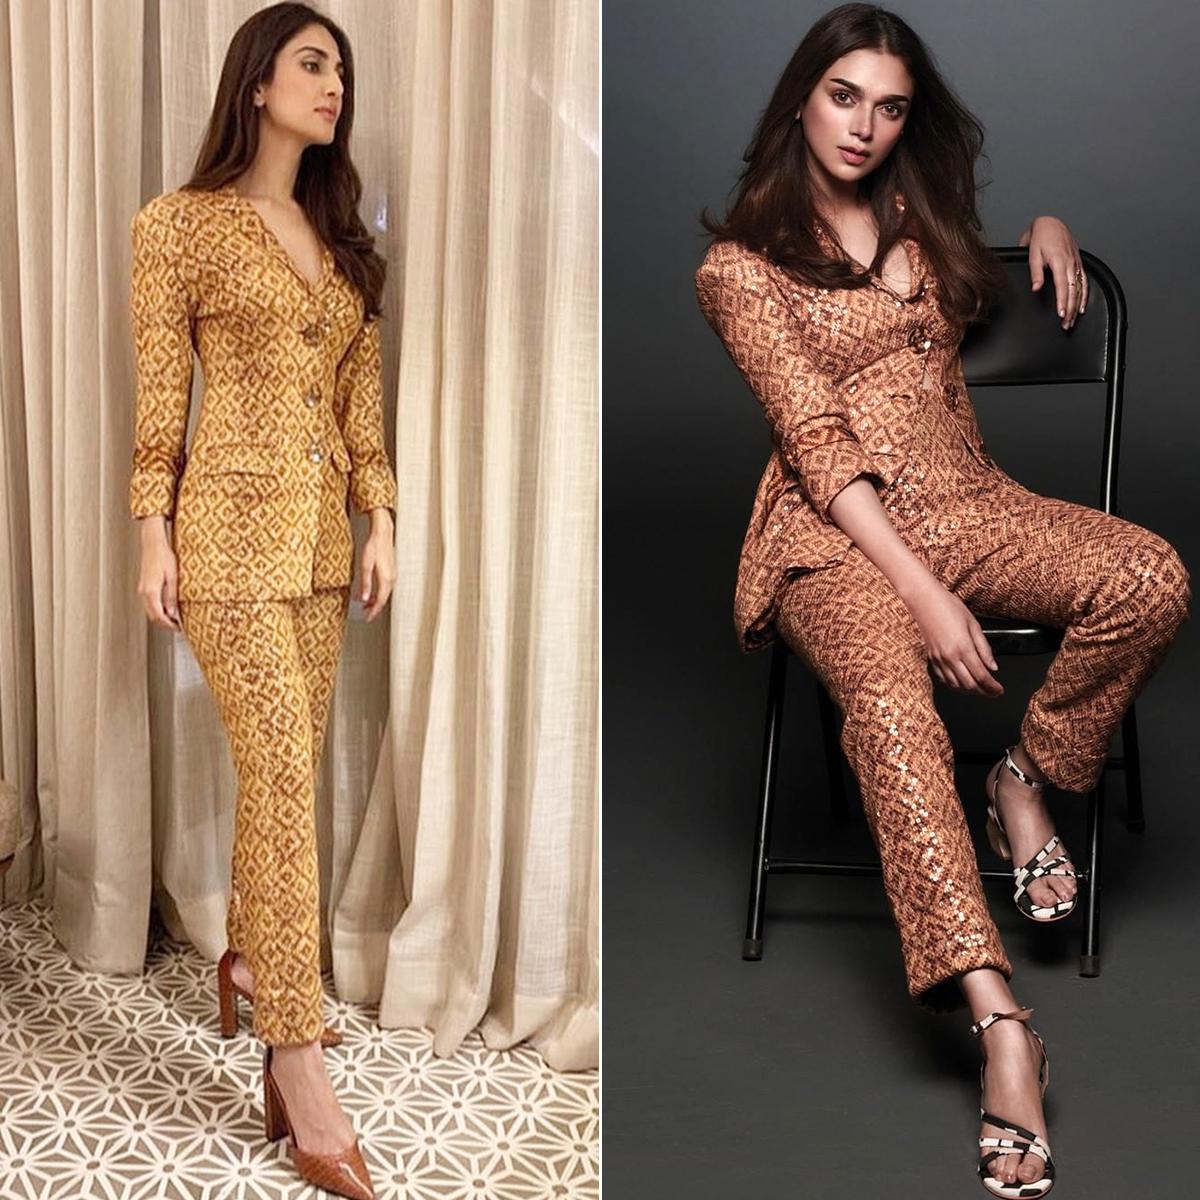 Fashion Face-Off - Vaani Kapoor Vs Aditi Rao Hydari in Nikita Mhaisalkar Pantsuit